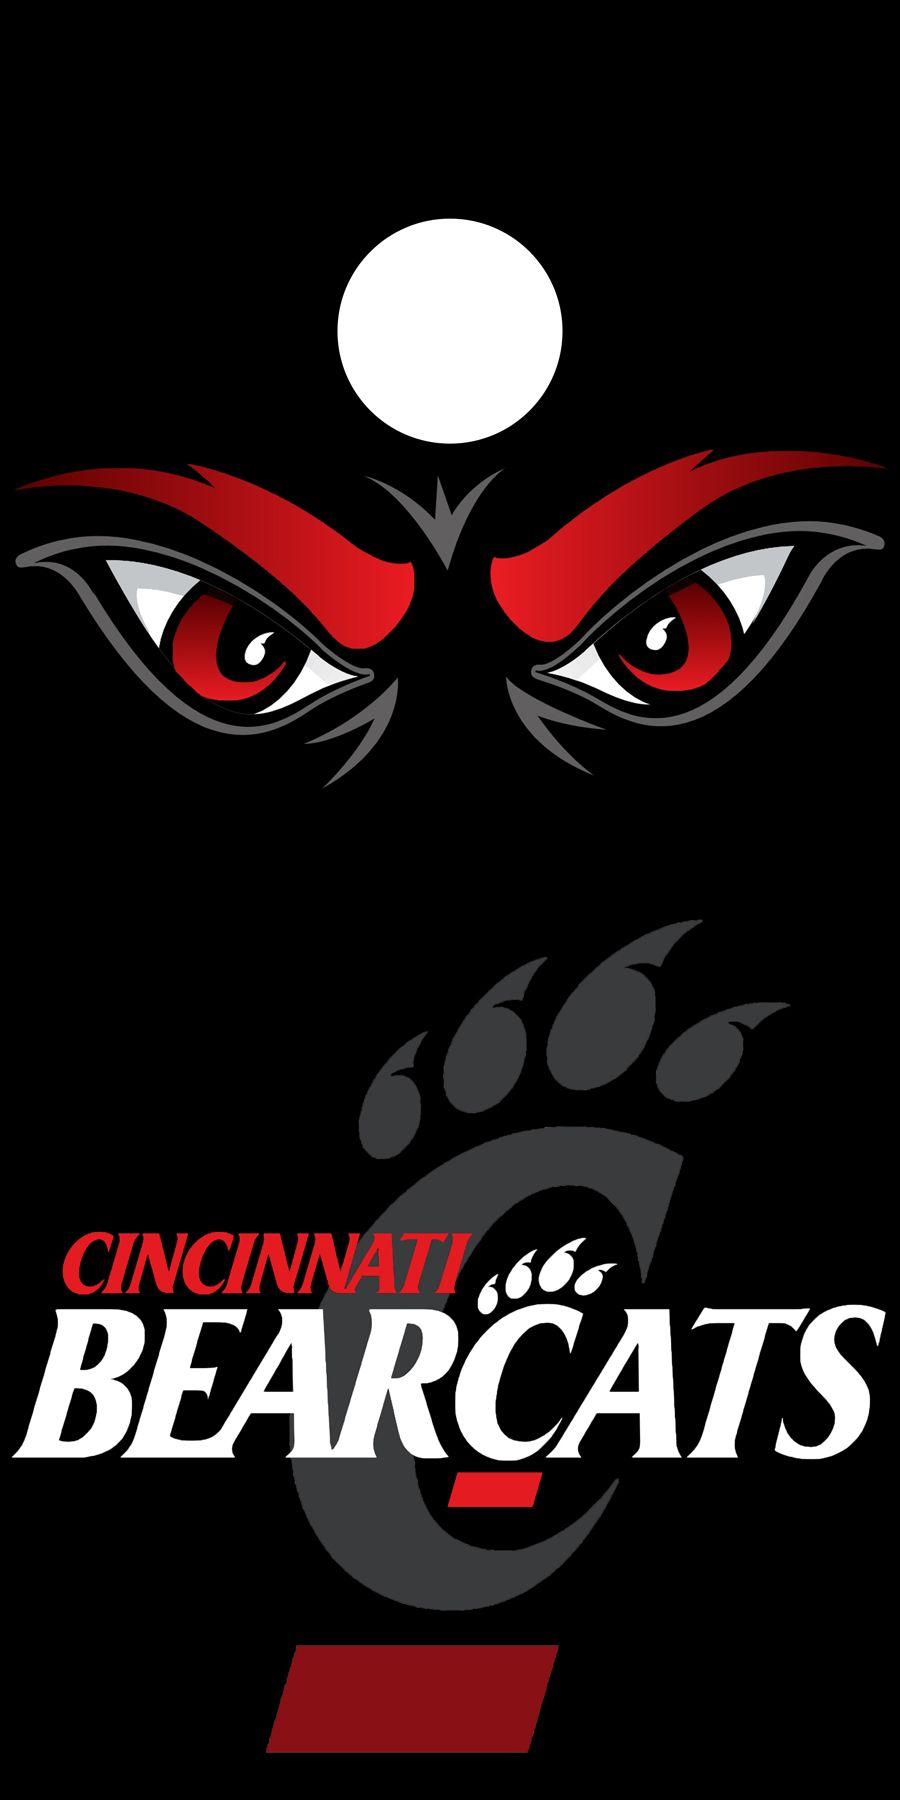 Cincinnati Bearcats Cincinnati Bearcats Cincinnati Cincinnati Football